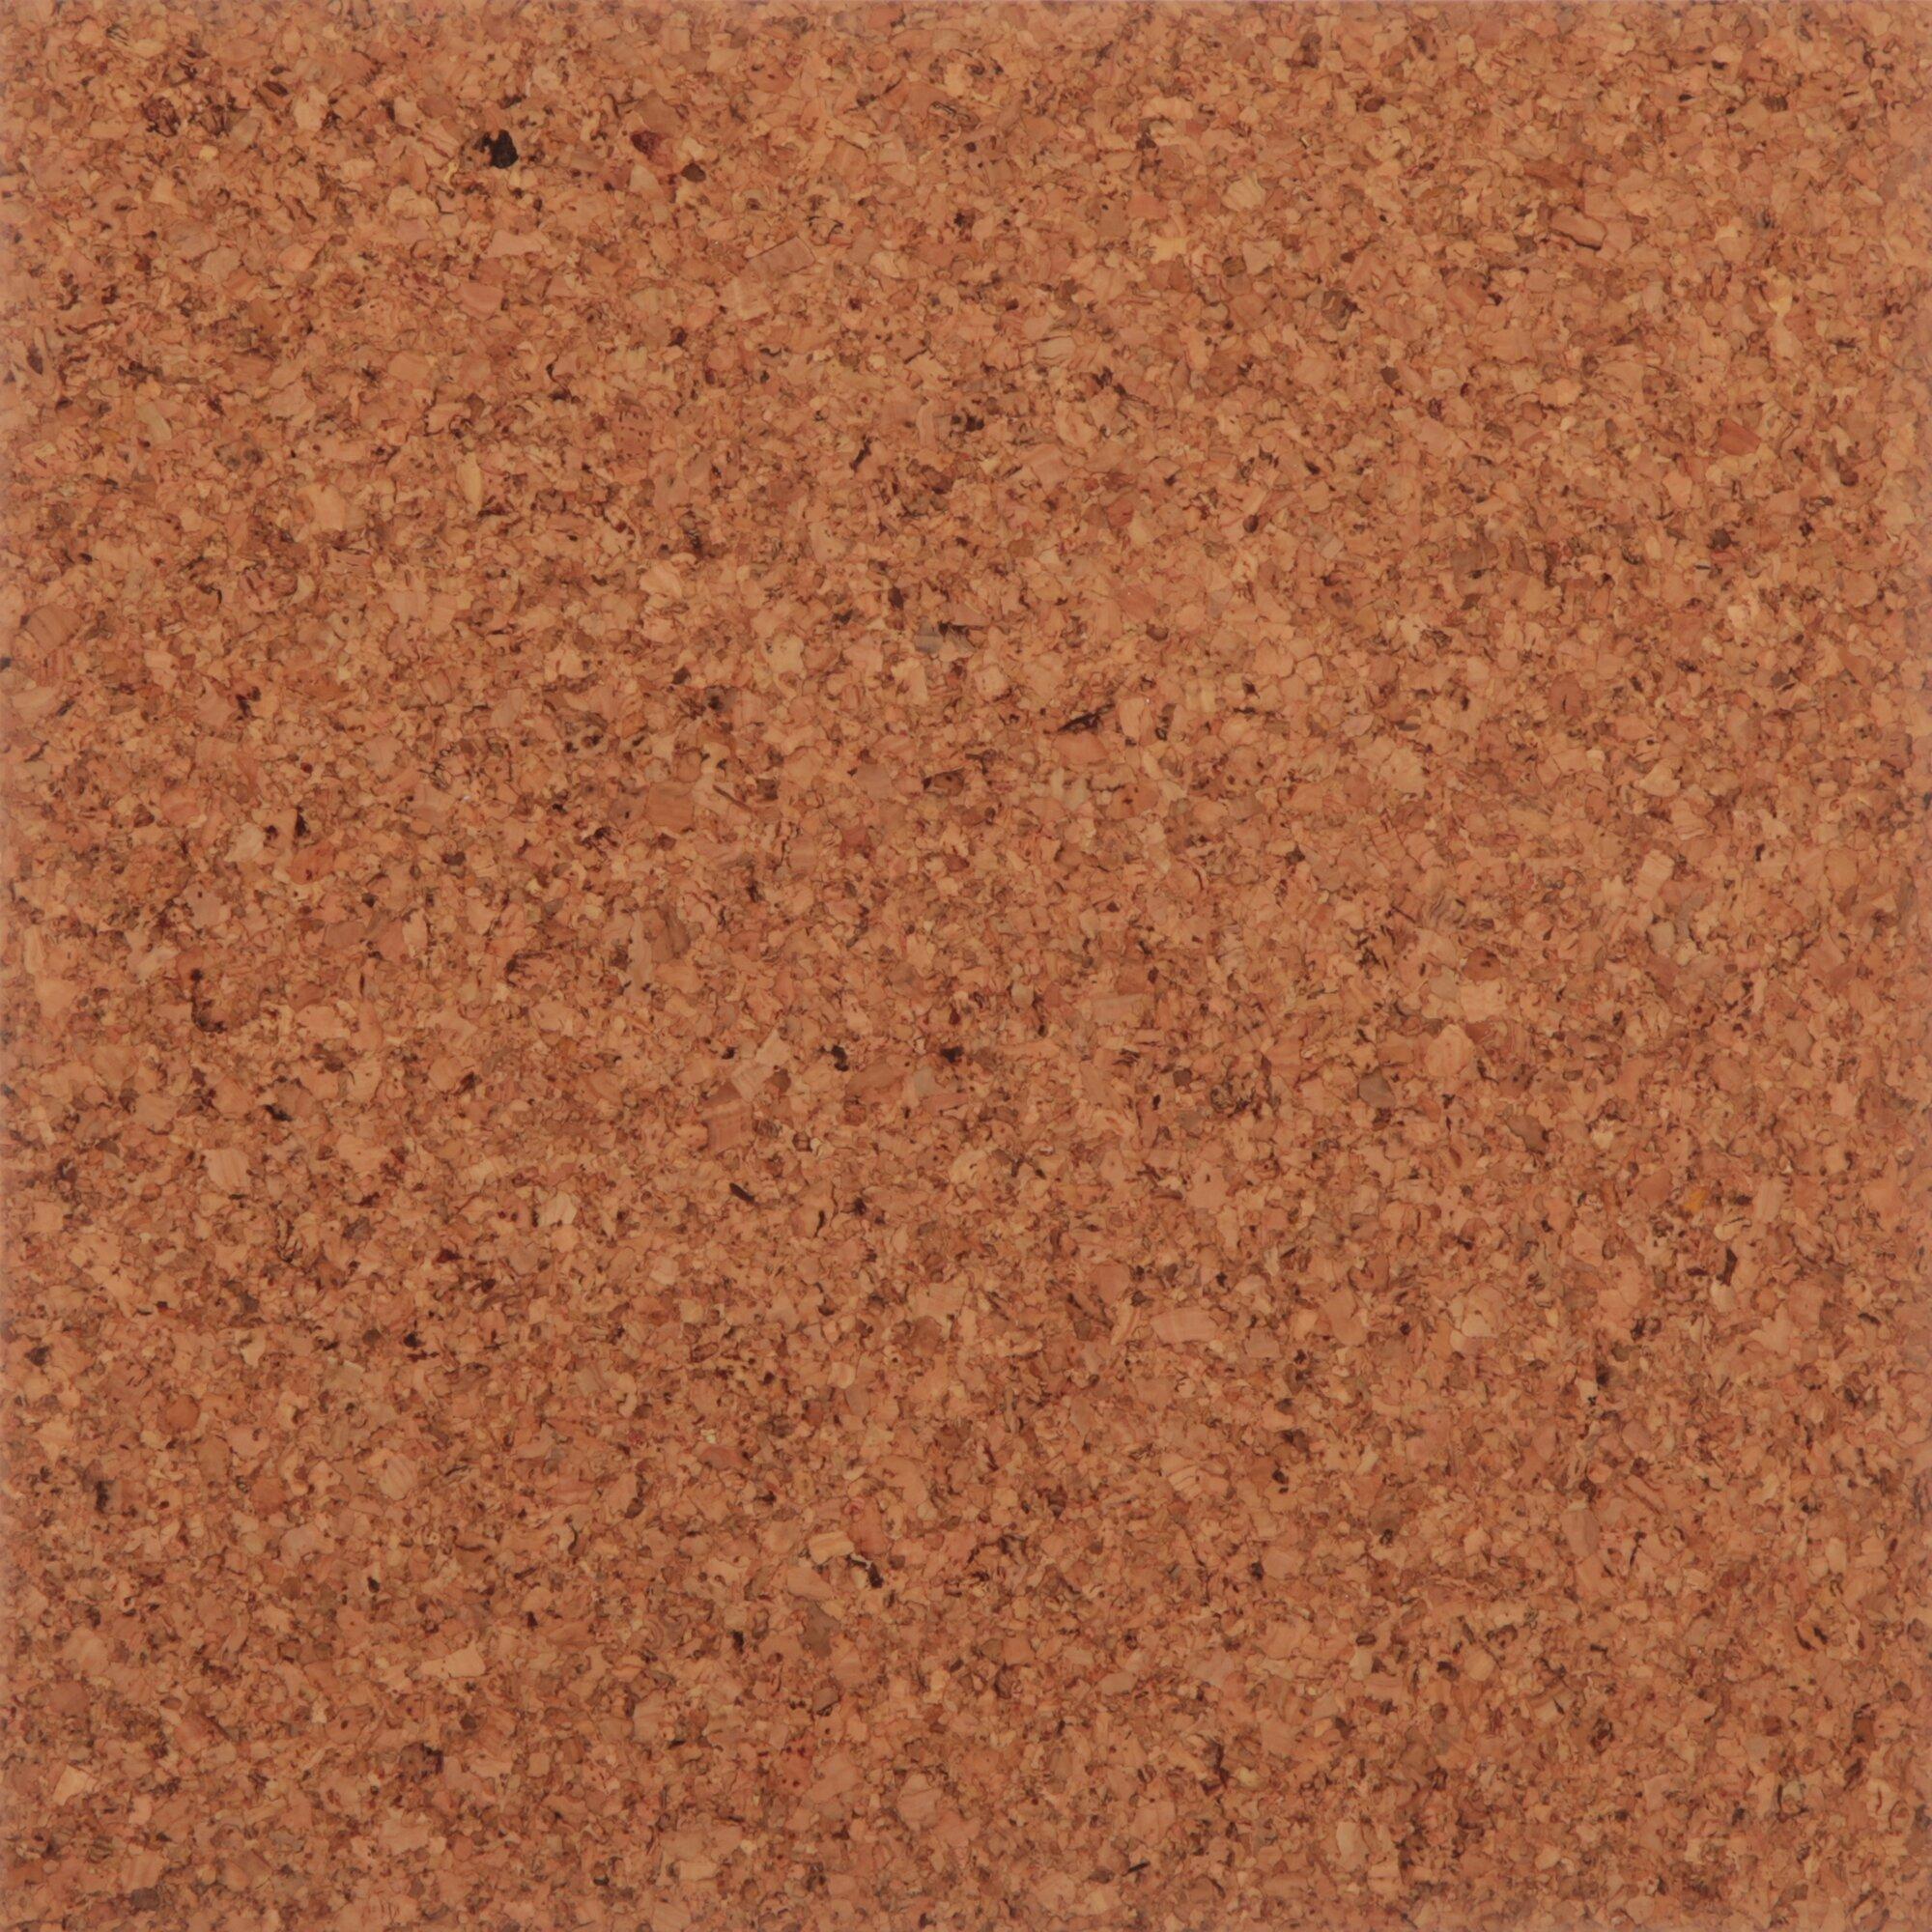 Natural cork floor tiles